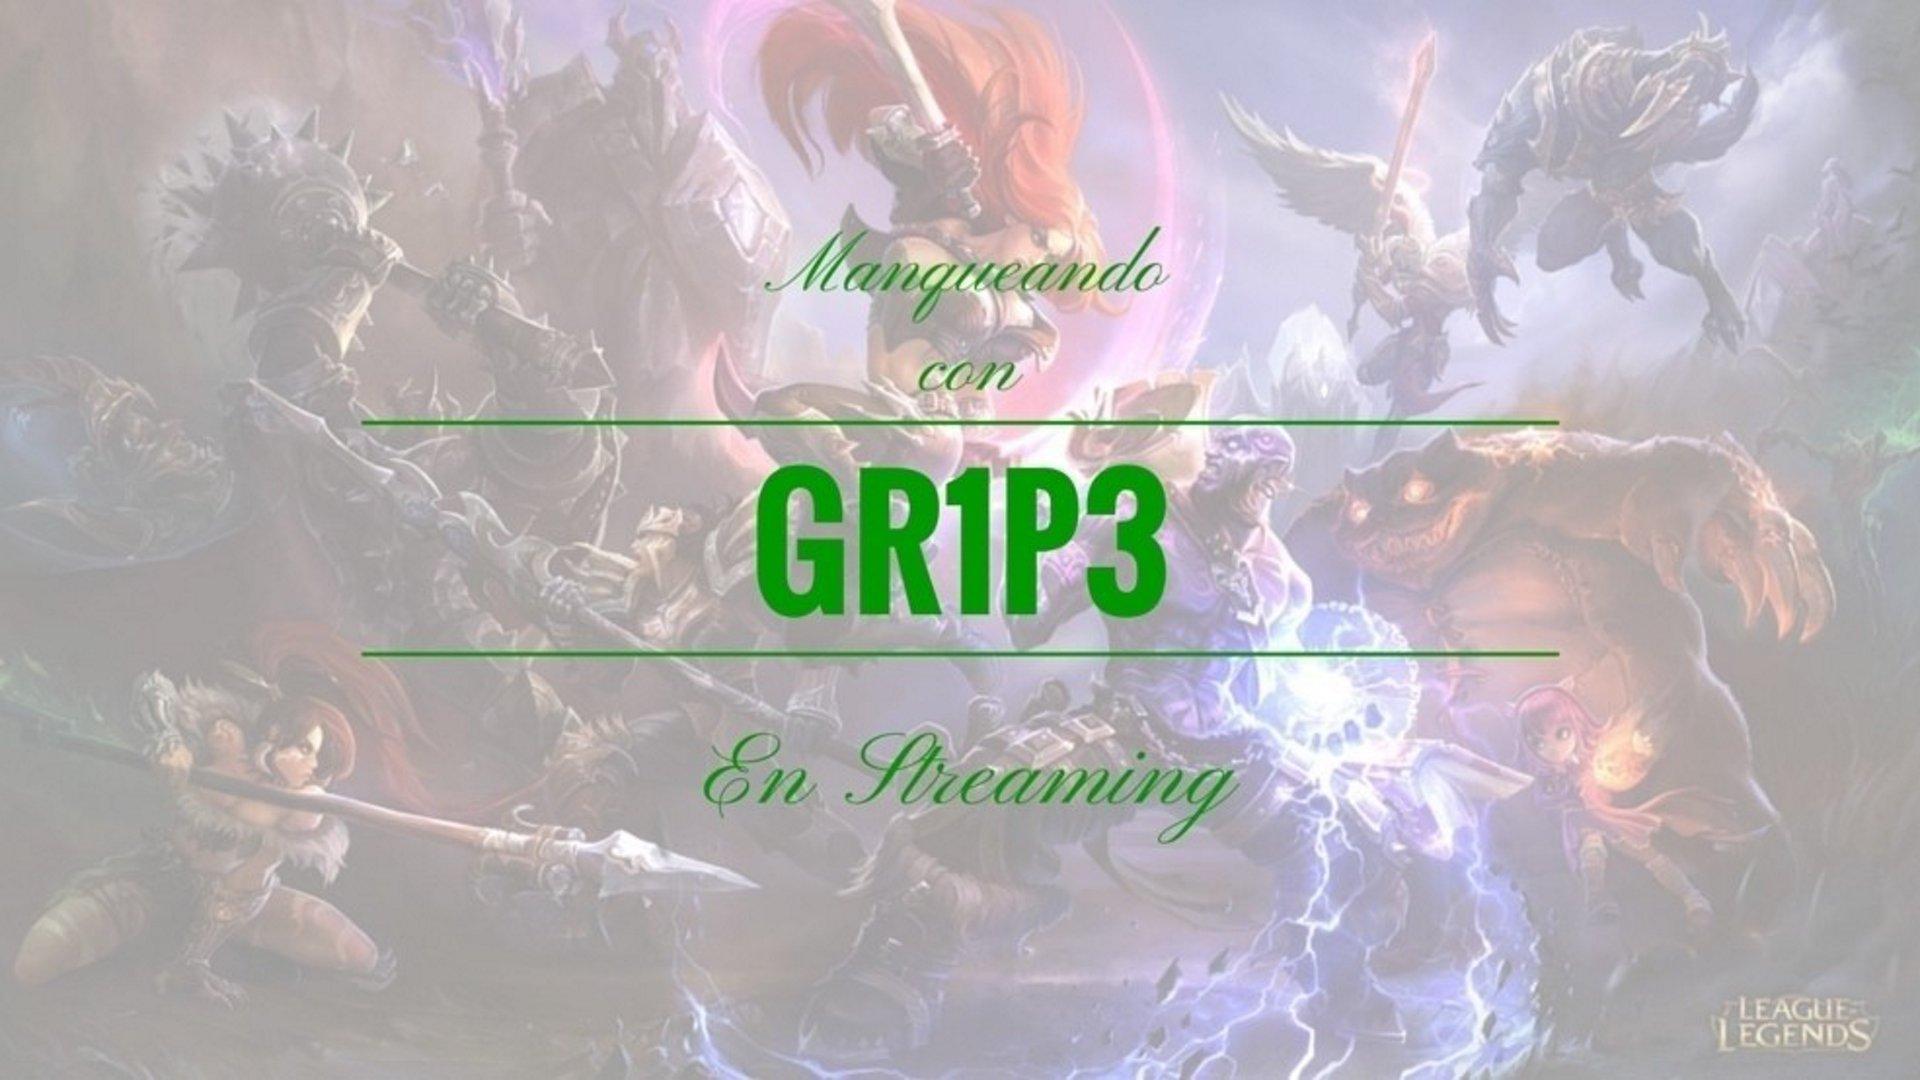 Gr1p3